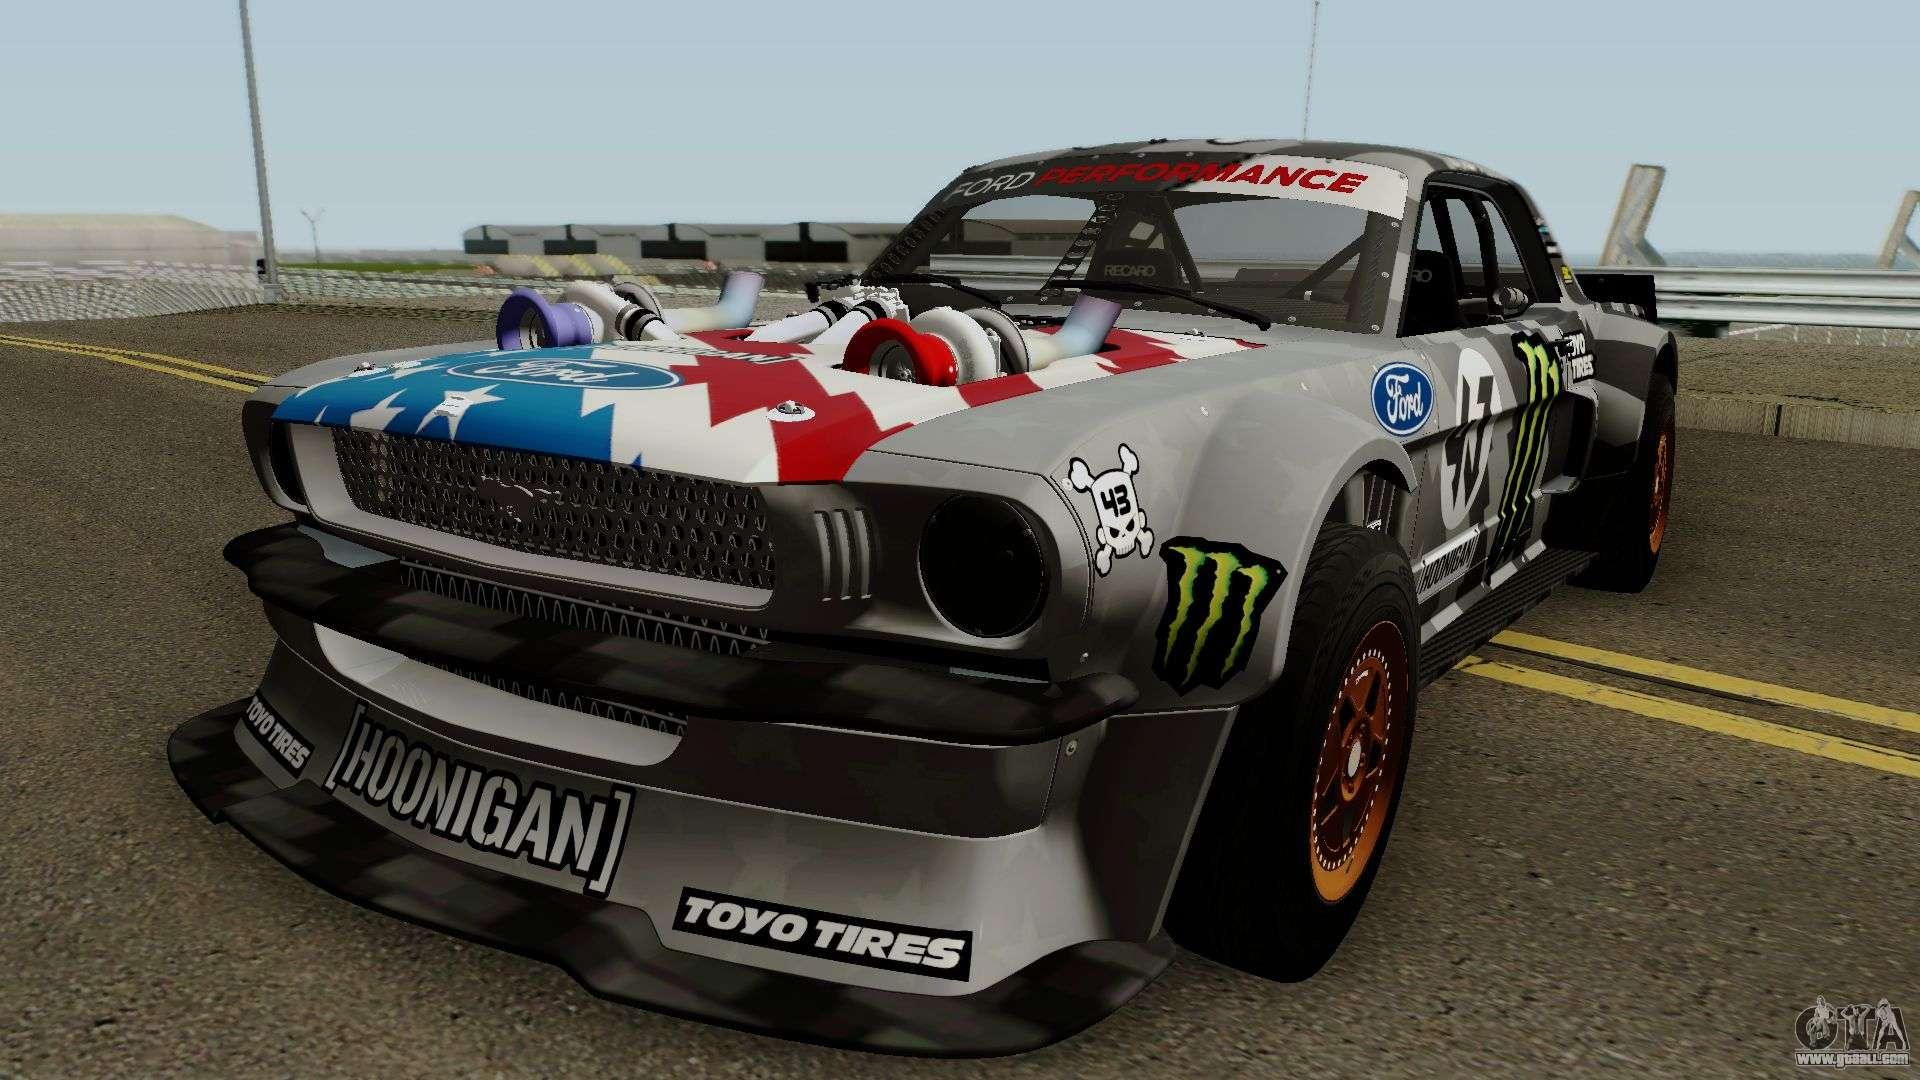 The Hoonigan Mustang